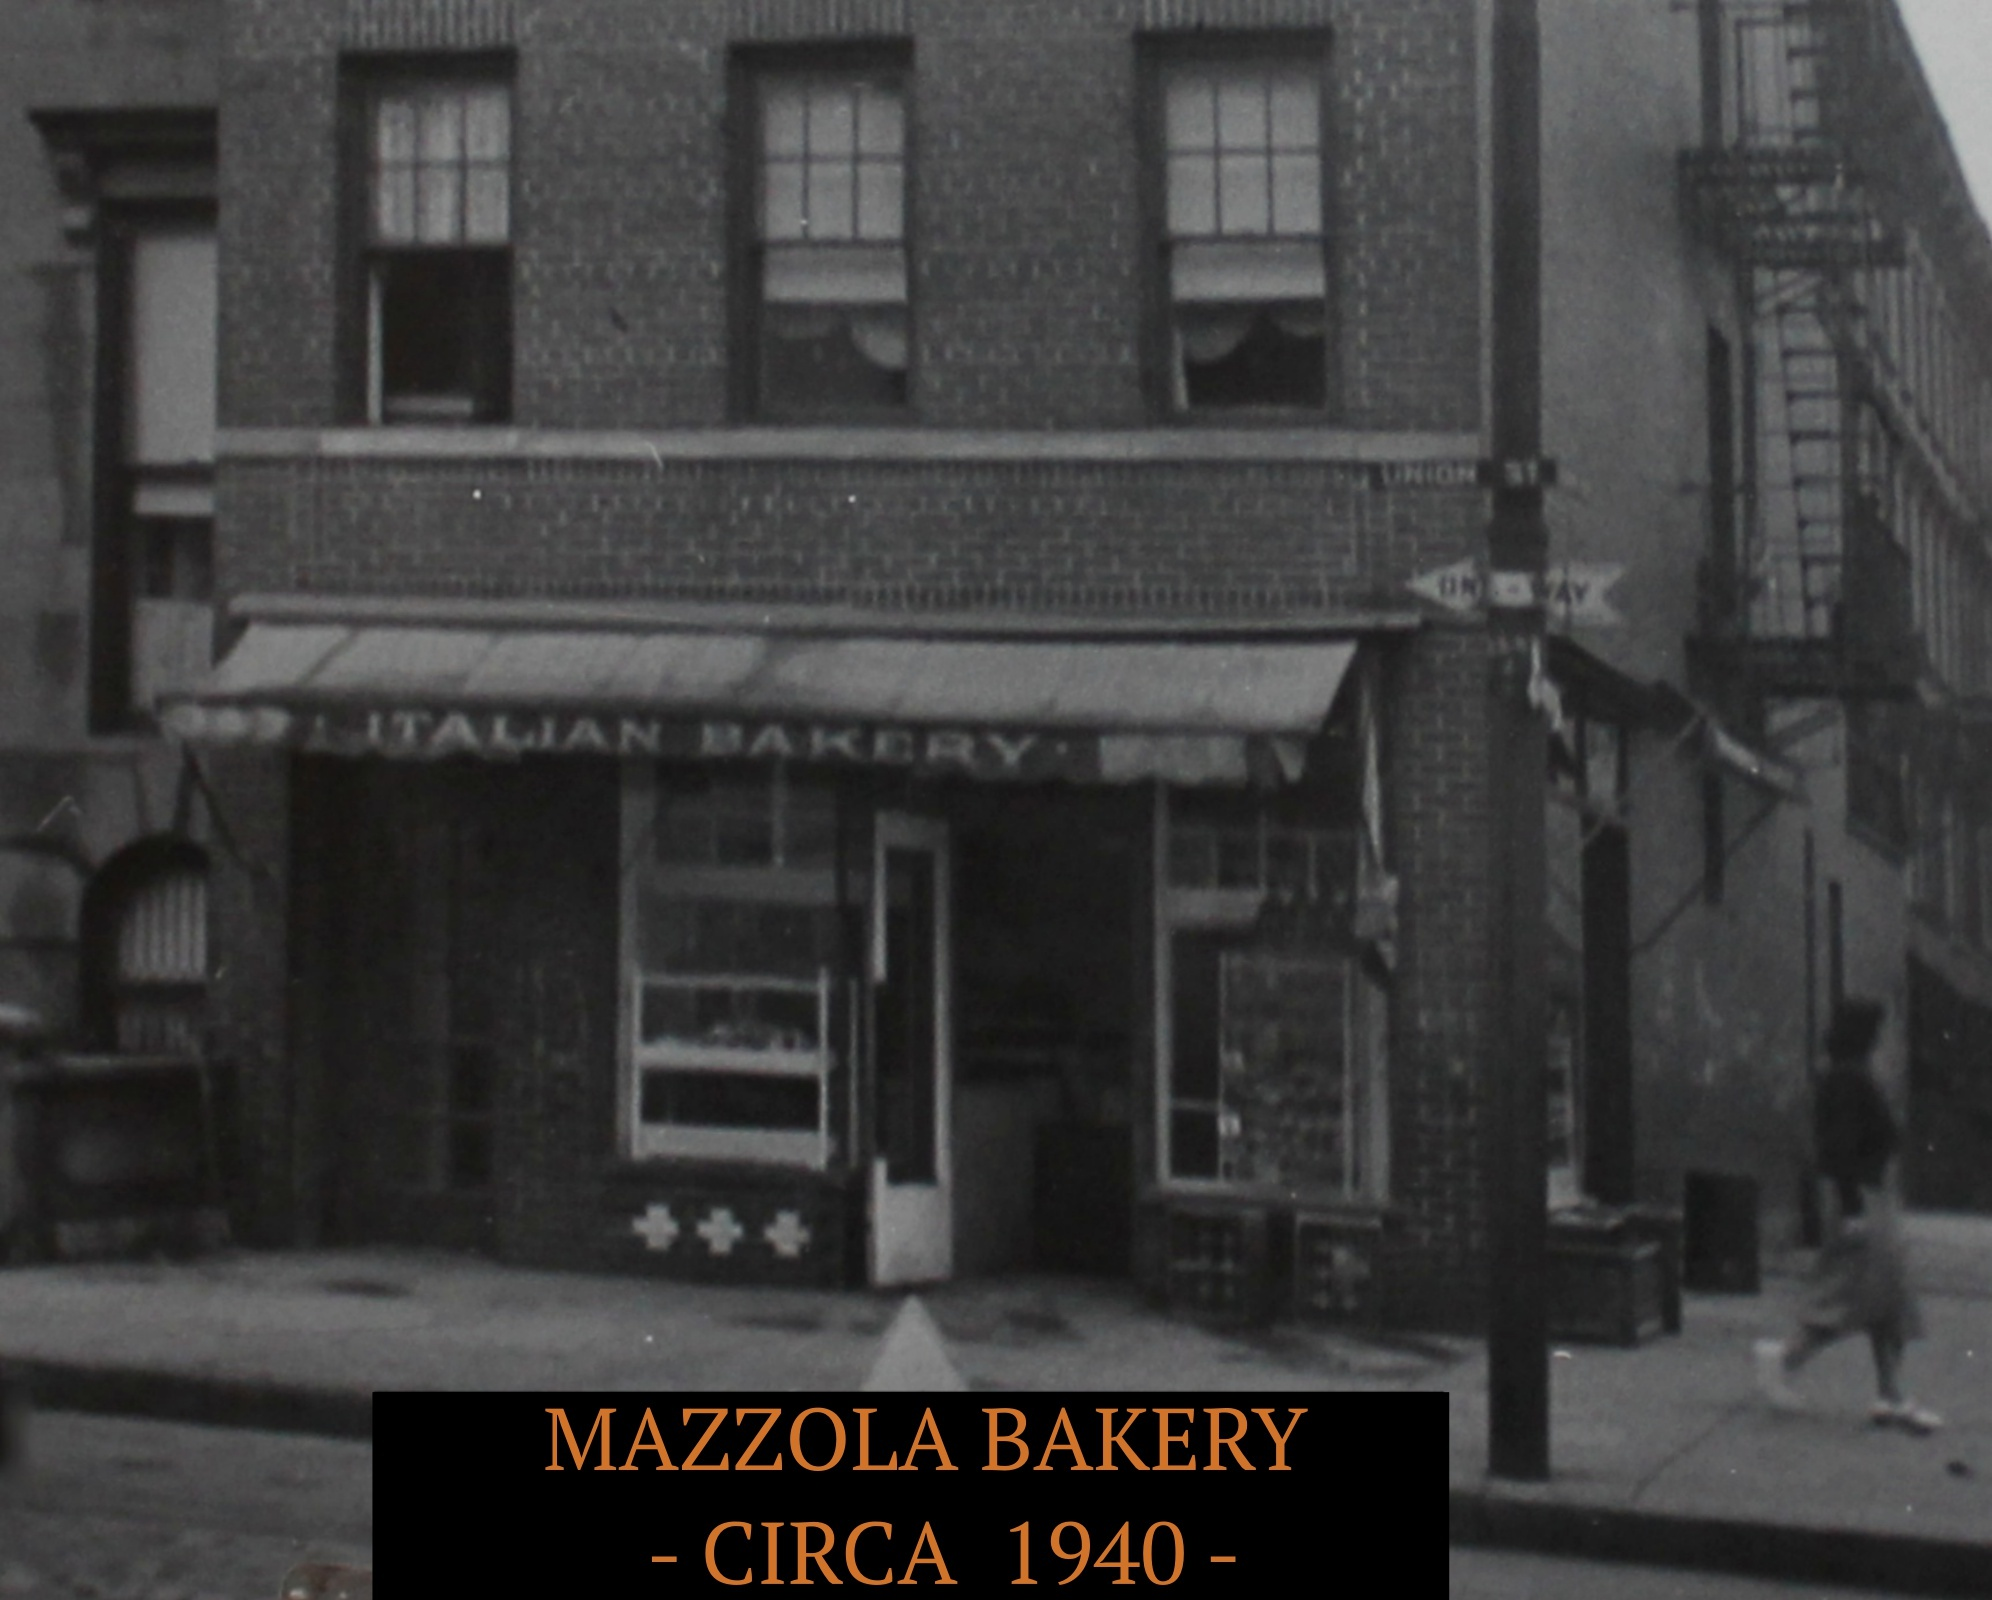 bakery-1940-v6-taller